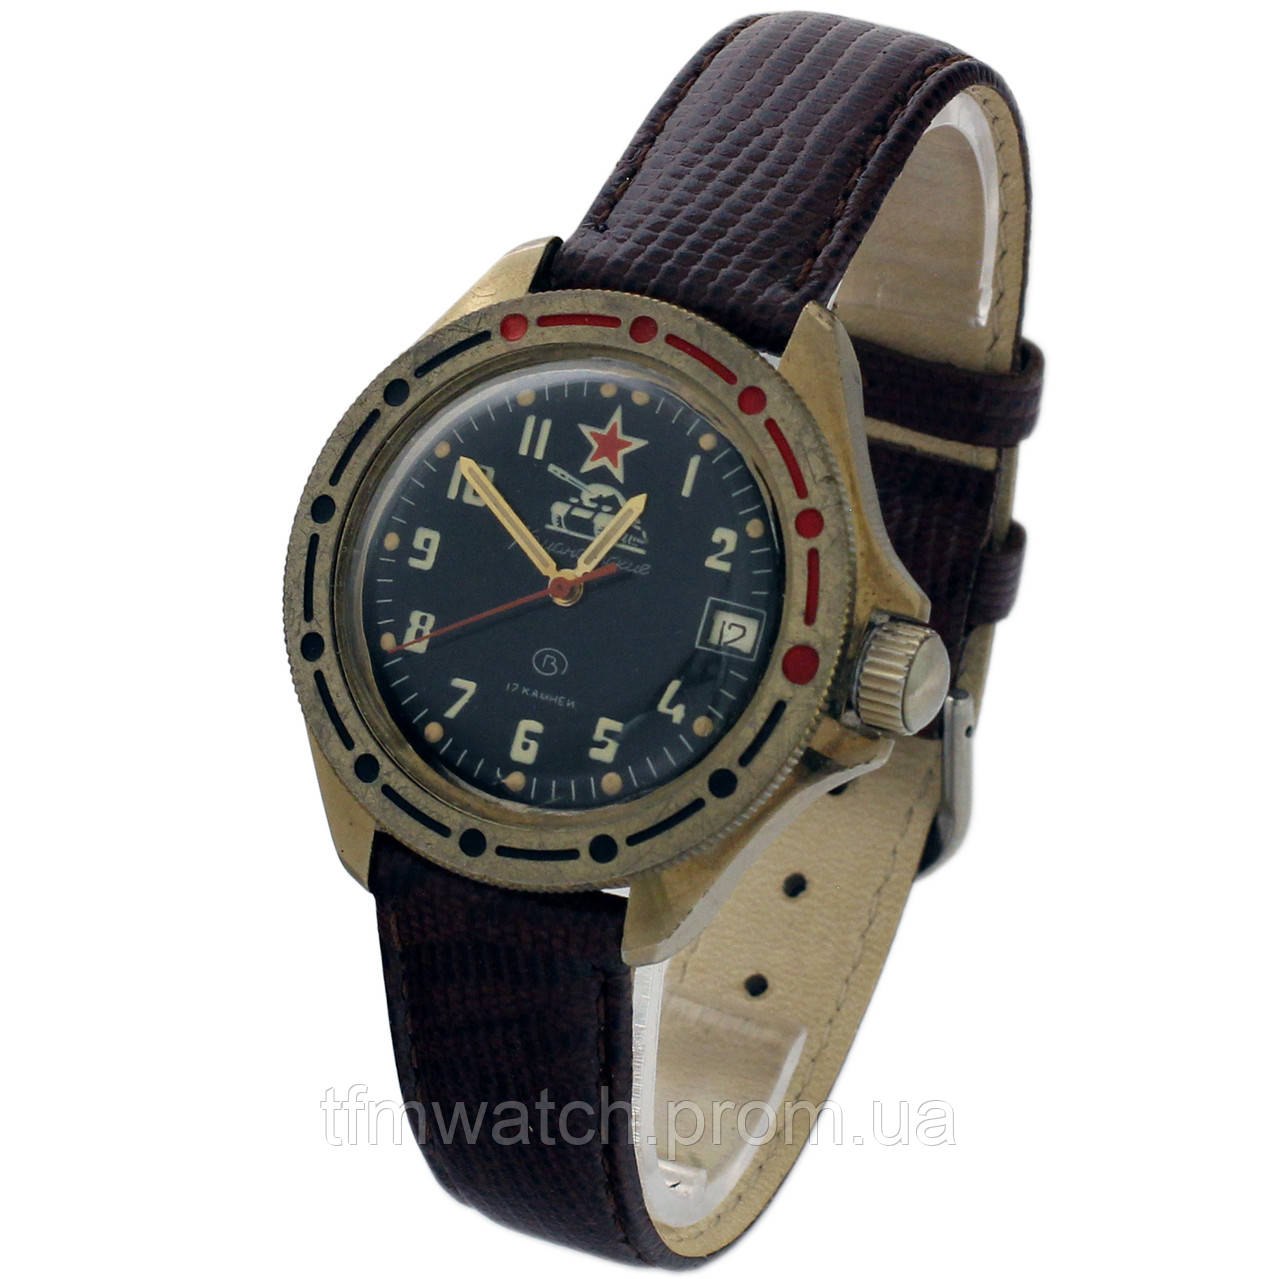 Часы командирские куда продать часы хабаровск продать